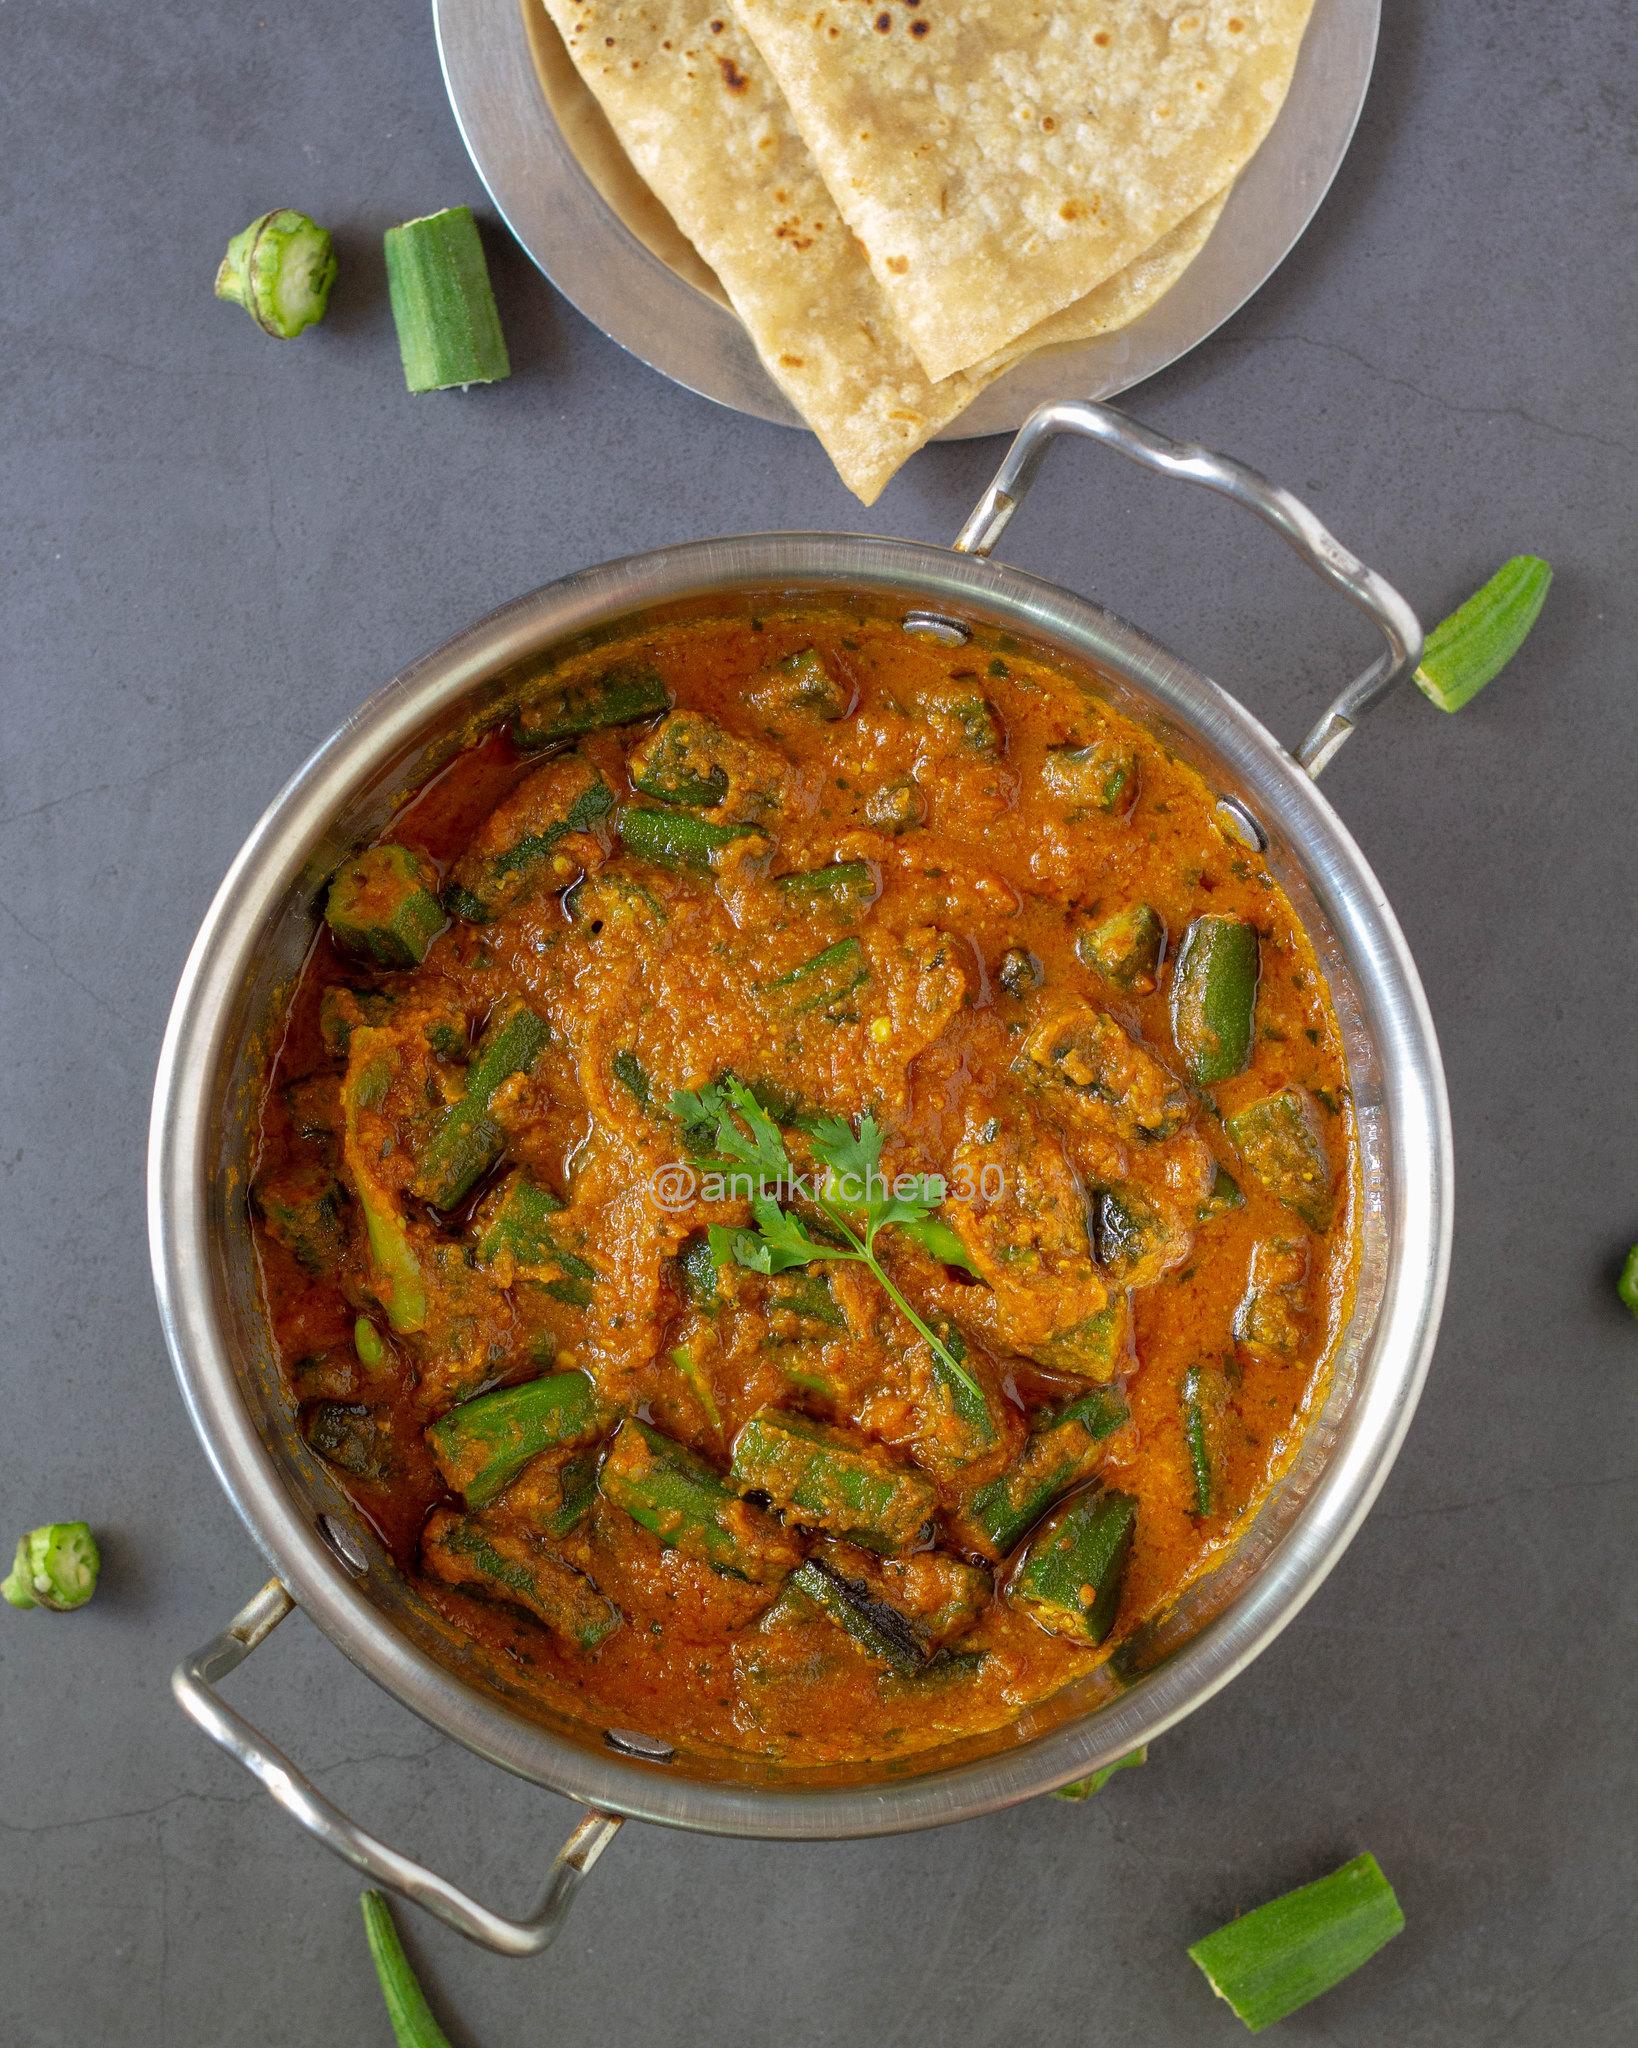 ಬೆಂಡೆಕಾಯಿ ಕರ್ರಿ | Ladies Finger Curry